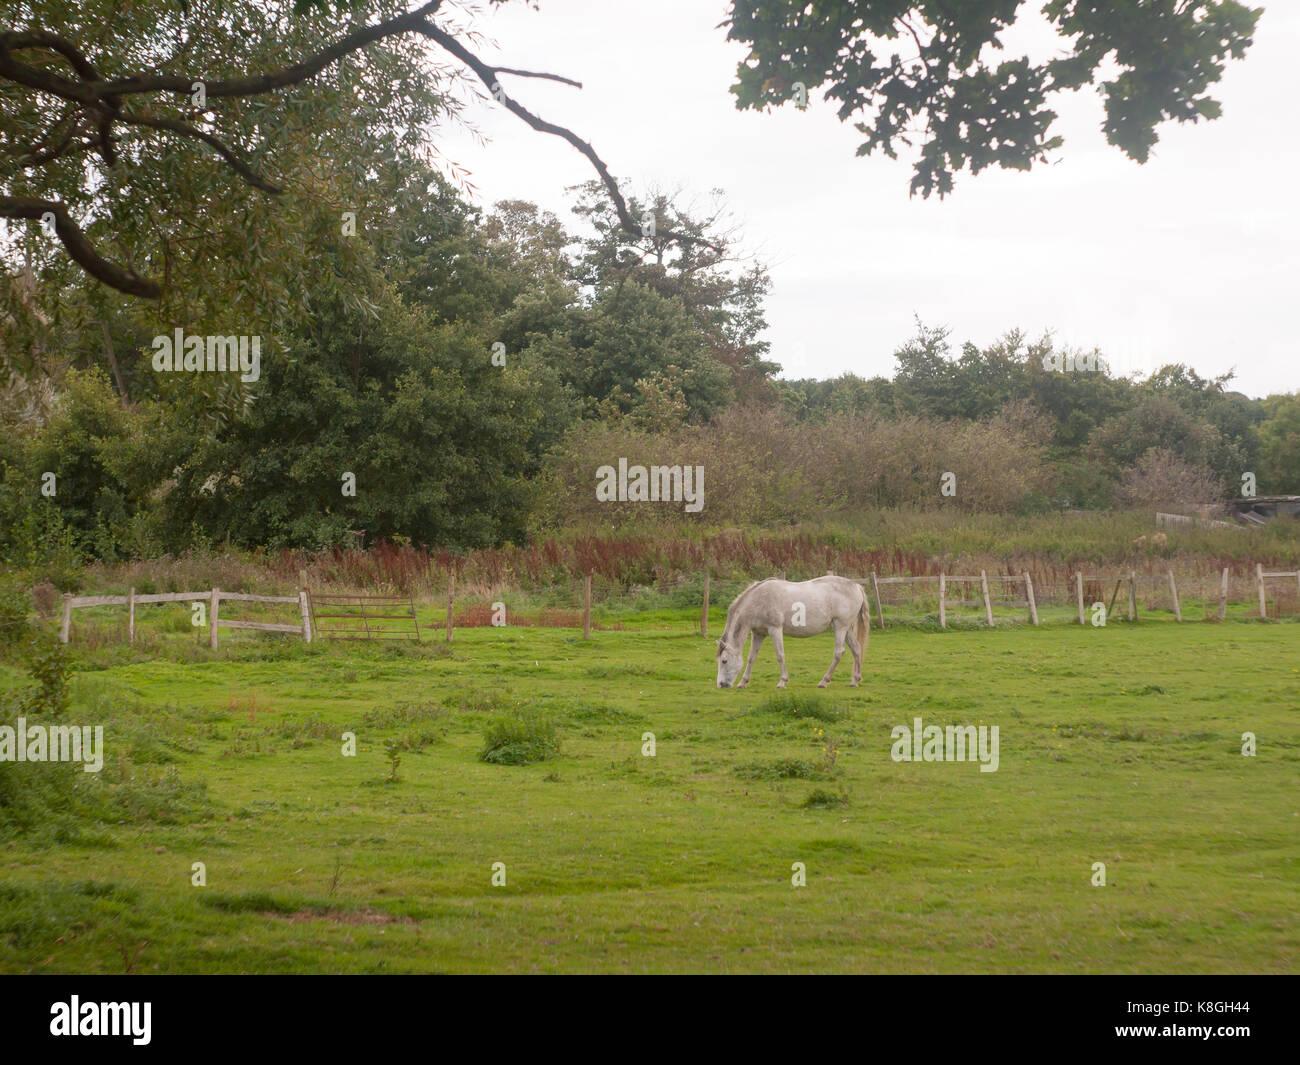 White Horse außerhalb Beweidung in Feld in Großbritannien Stockbild